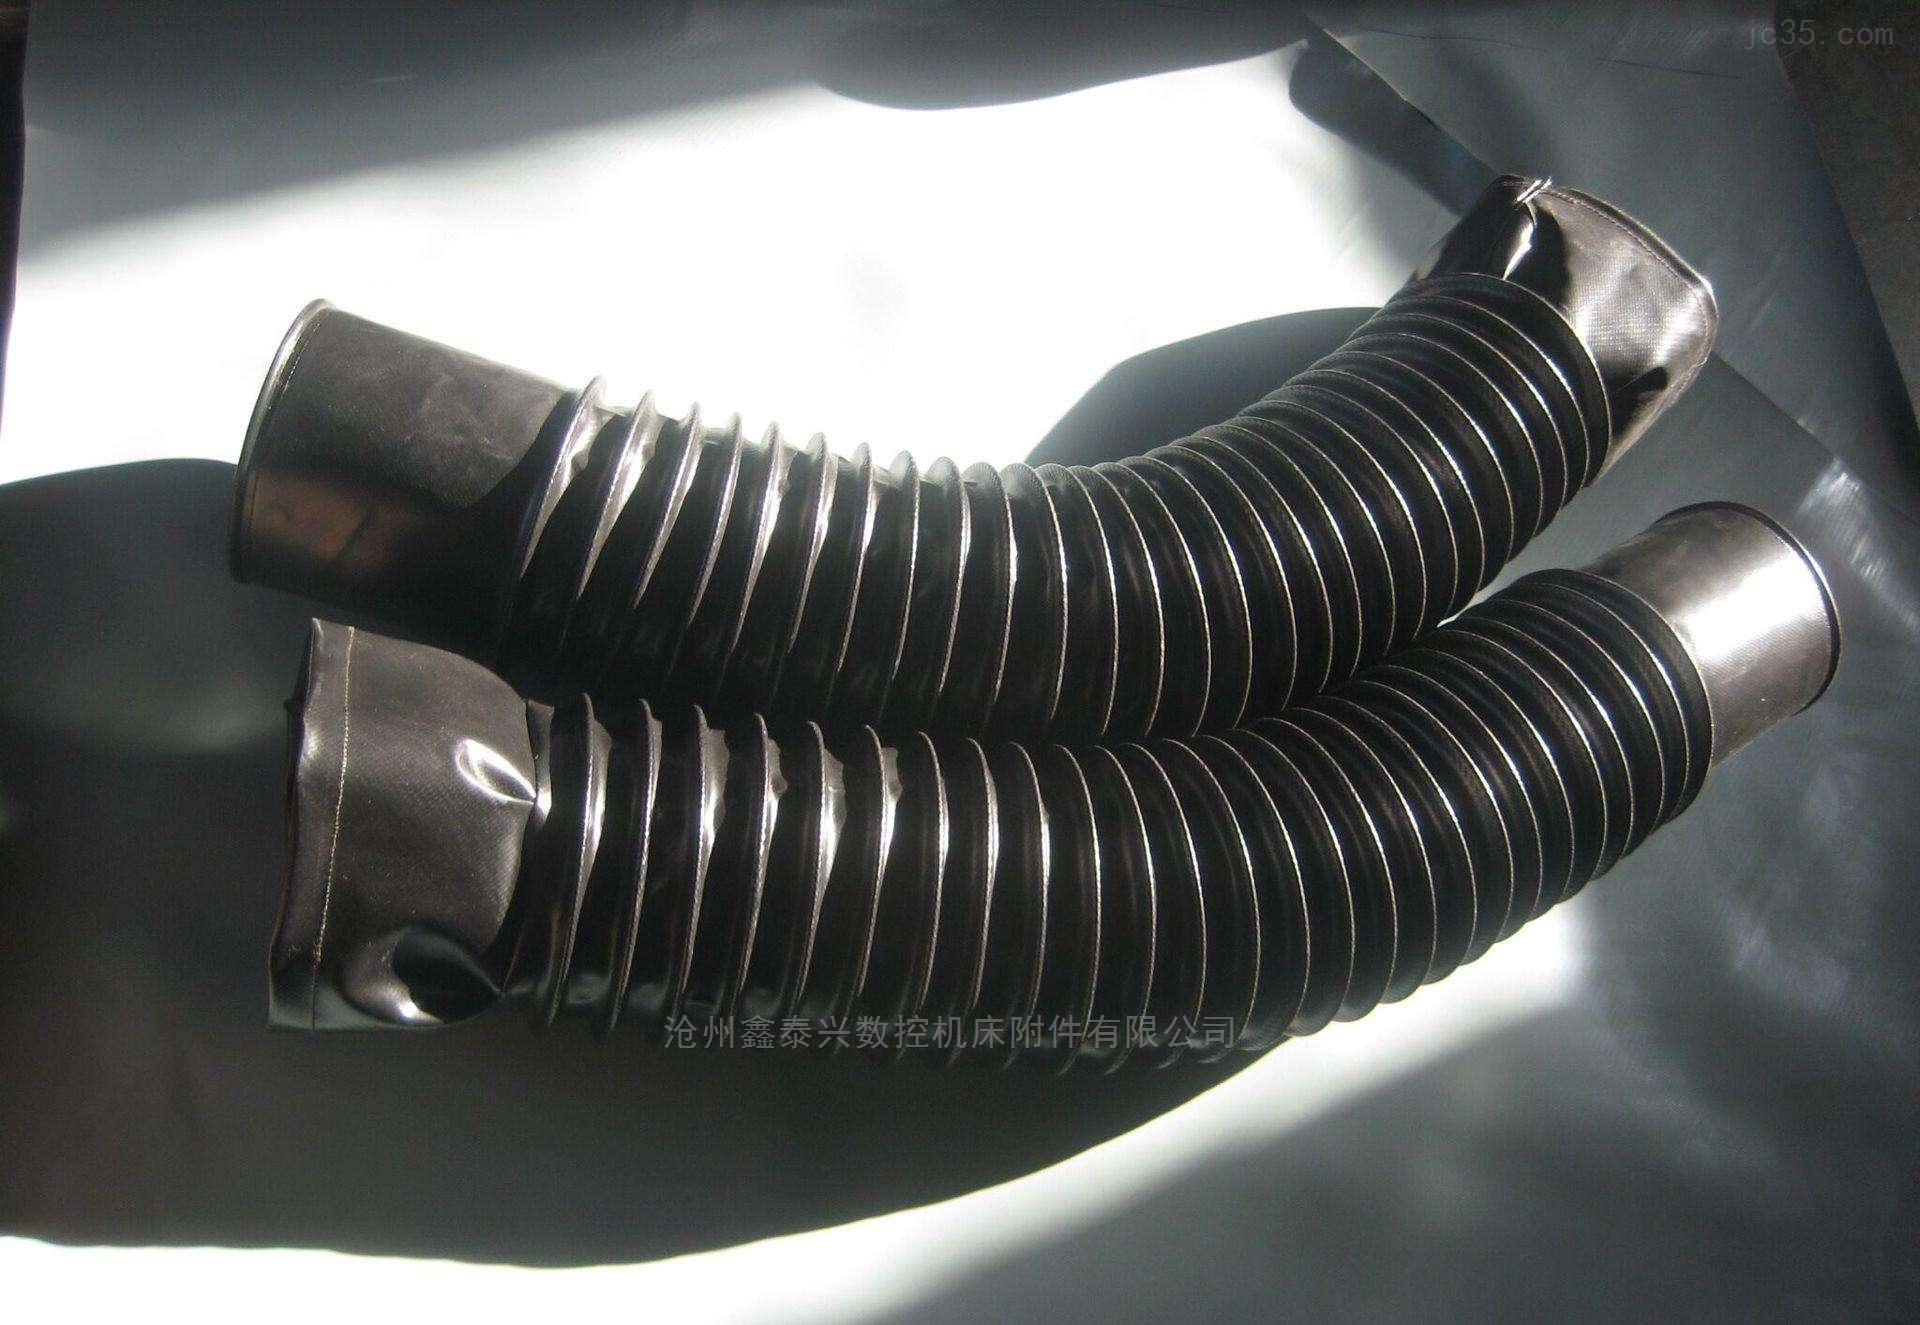 通风连接伸缩式丝杠保护套本产品由尼龙布、绝缘卷材、橡胶附和布、防油布、防水布、阻燃布、耐酸碱布等多种材质可供客户不同需求来量身定做。一般伸缩式保护套的伸长与压缩比值为1000:150,伸缩式保护套产品形状可根据客户要求设计制造,多角型伸缩式保护套,长方形丝杠防护罩,圆筒式伸缩式保护套,也可按用户要求制作比值更大或更小的伸缩式保护套。 通风连接伸缩式丝杠保护套具有防尘、防水、防油、防乳剂和化学**,伸缩式保护套防铁屑、耐拉伸、撞击不变形、耐腐蚀、使用寿命长等特点。 通风连接伸缩式丝杠保护套能够随部件做伸开或